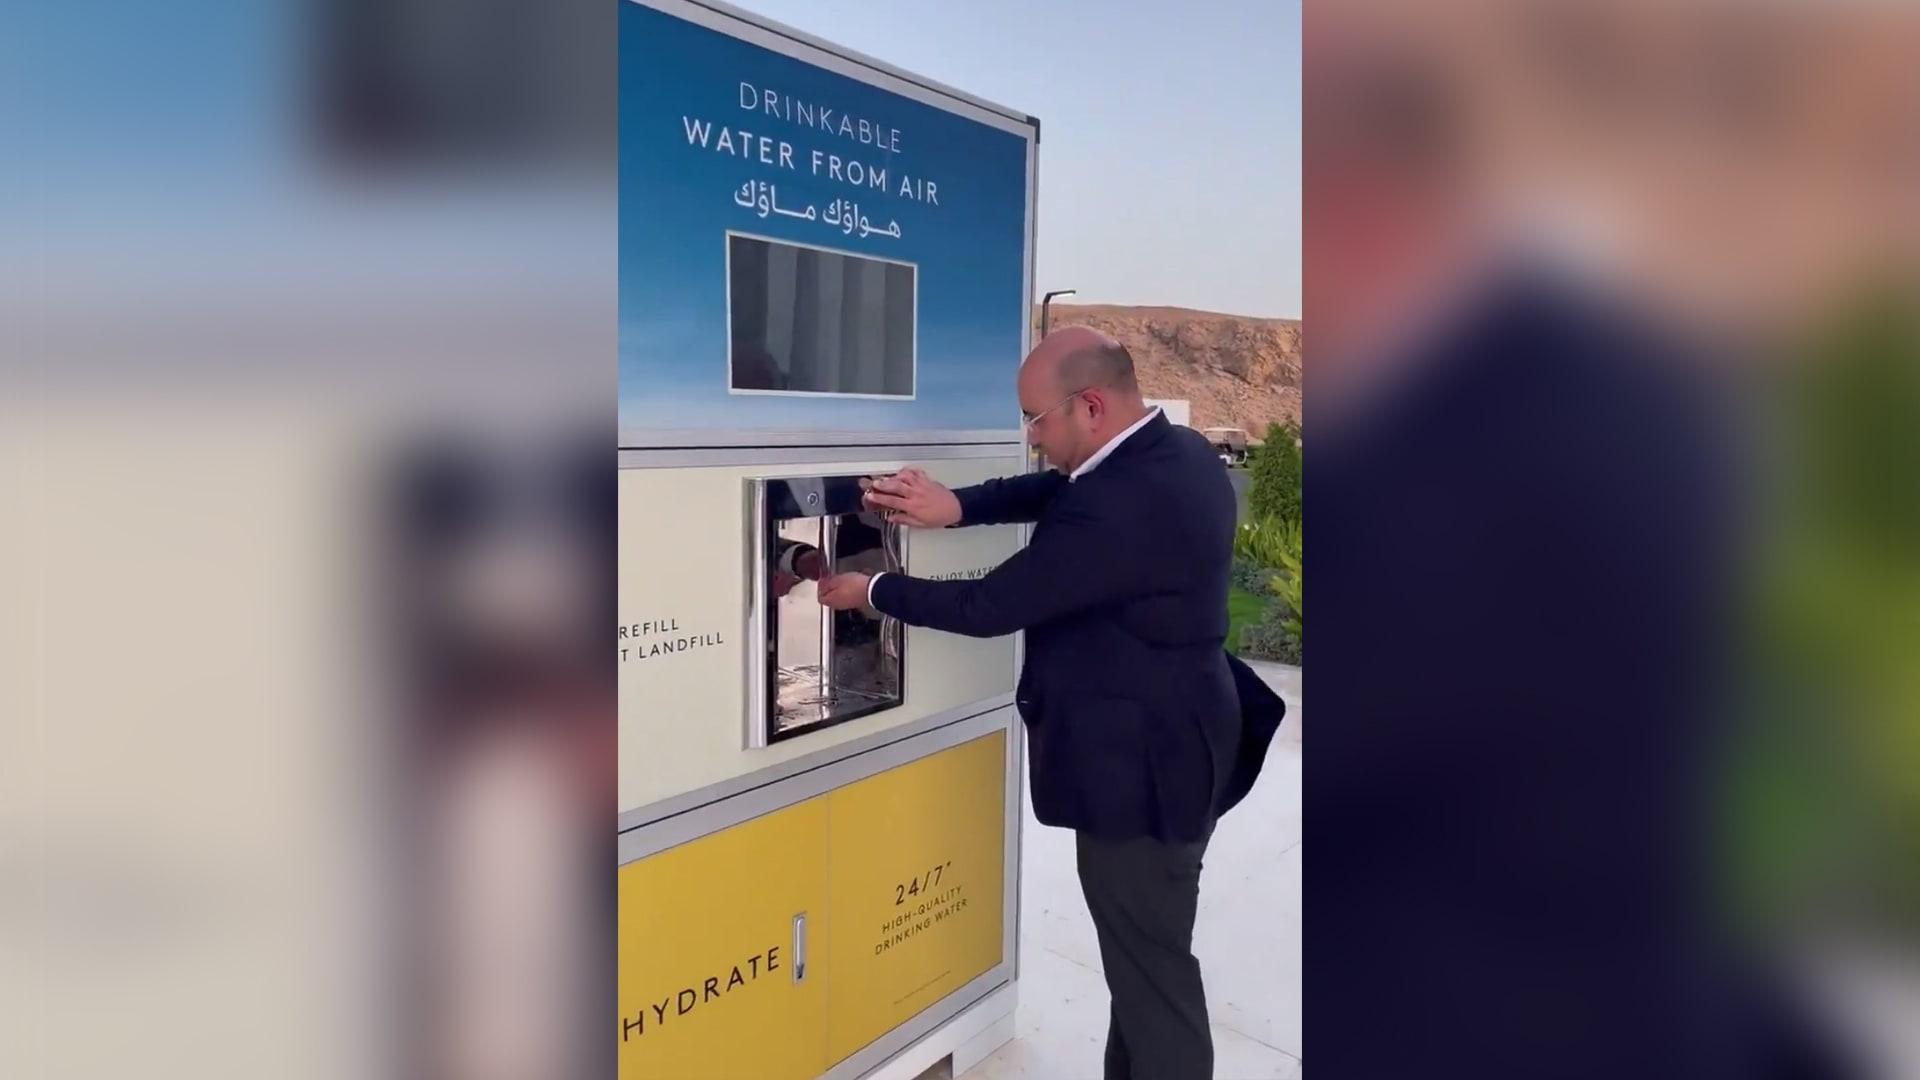 الرئيس التنفيذي لشركة الفطيم يستعرض جهازًا لاستخراج الماء من الهواء في السعودية